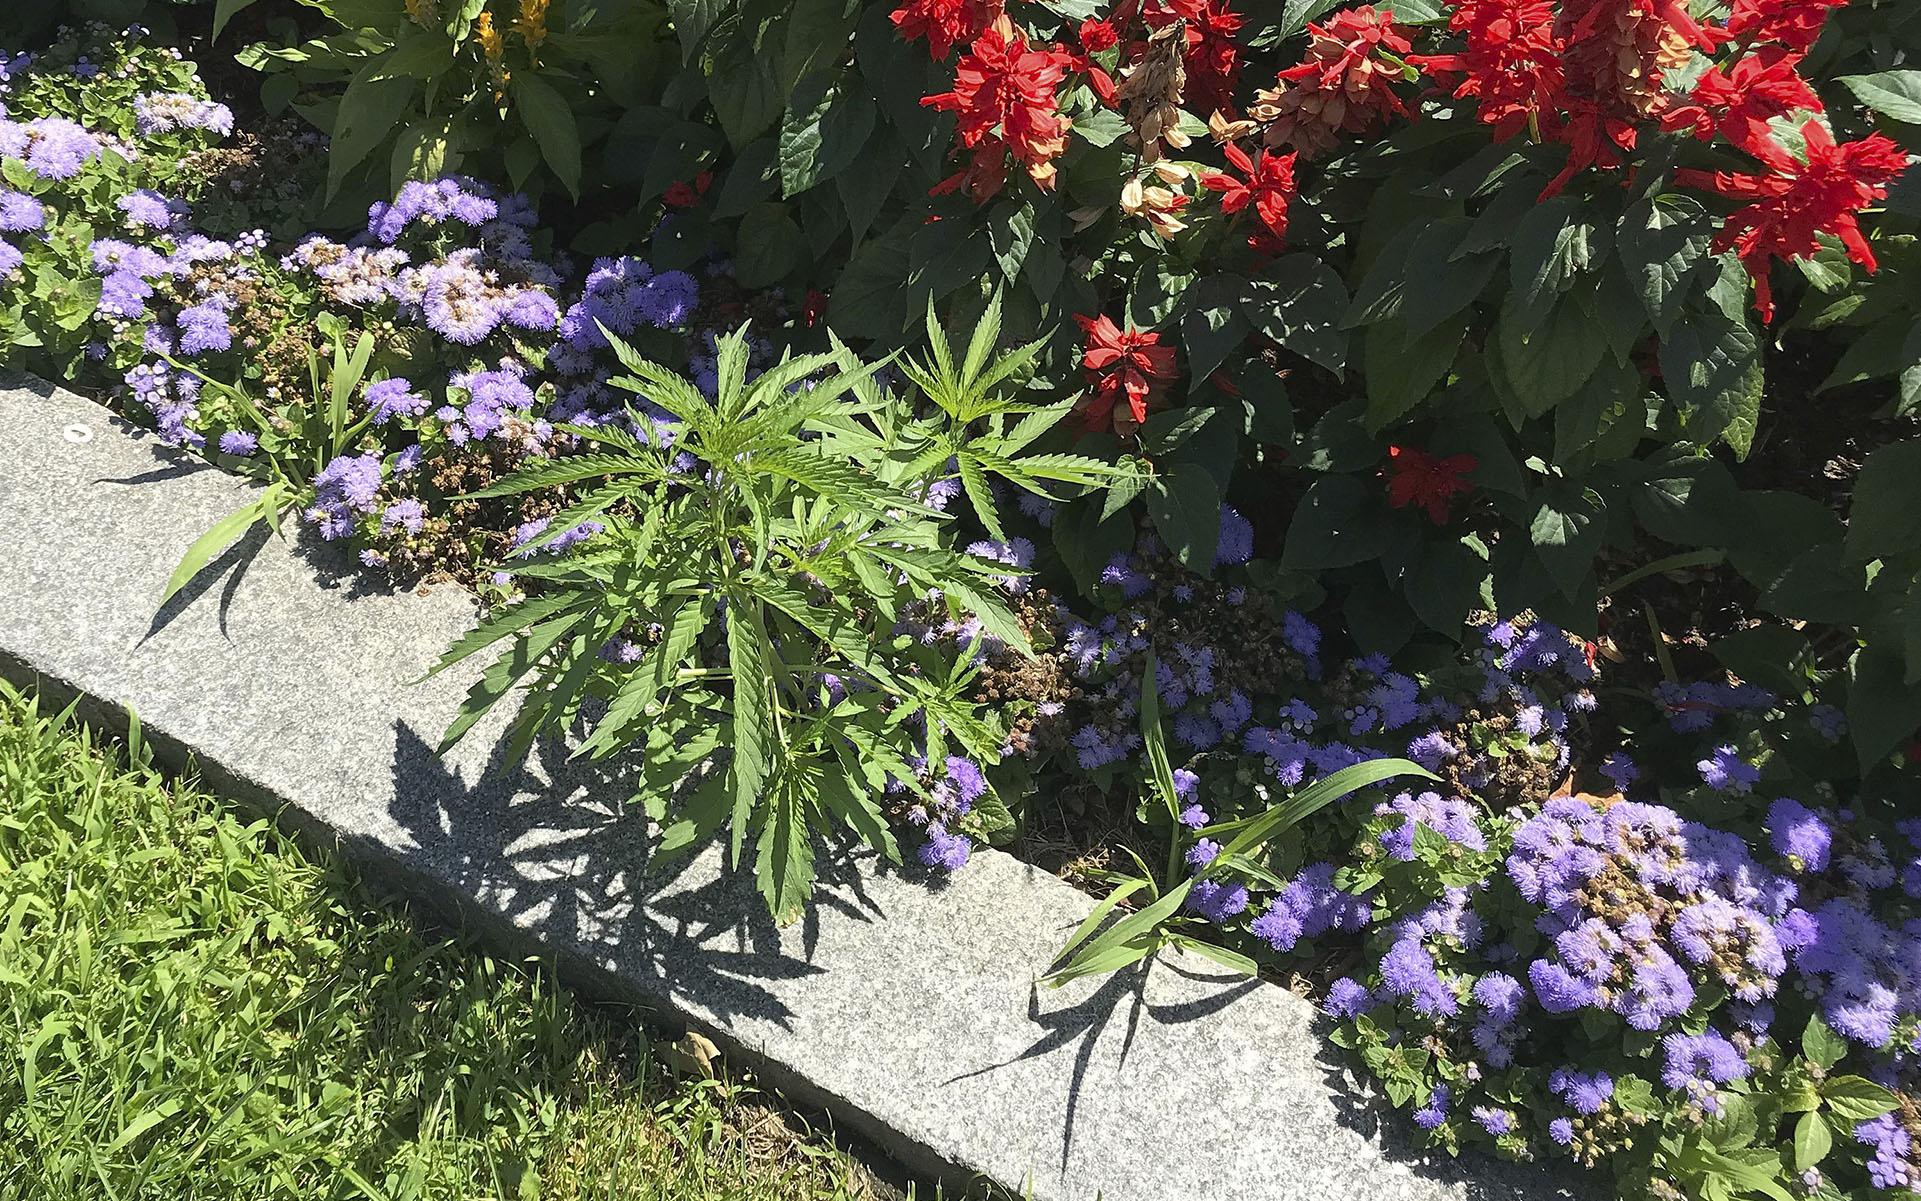 vermont statehouse cannabis - header image